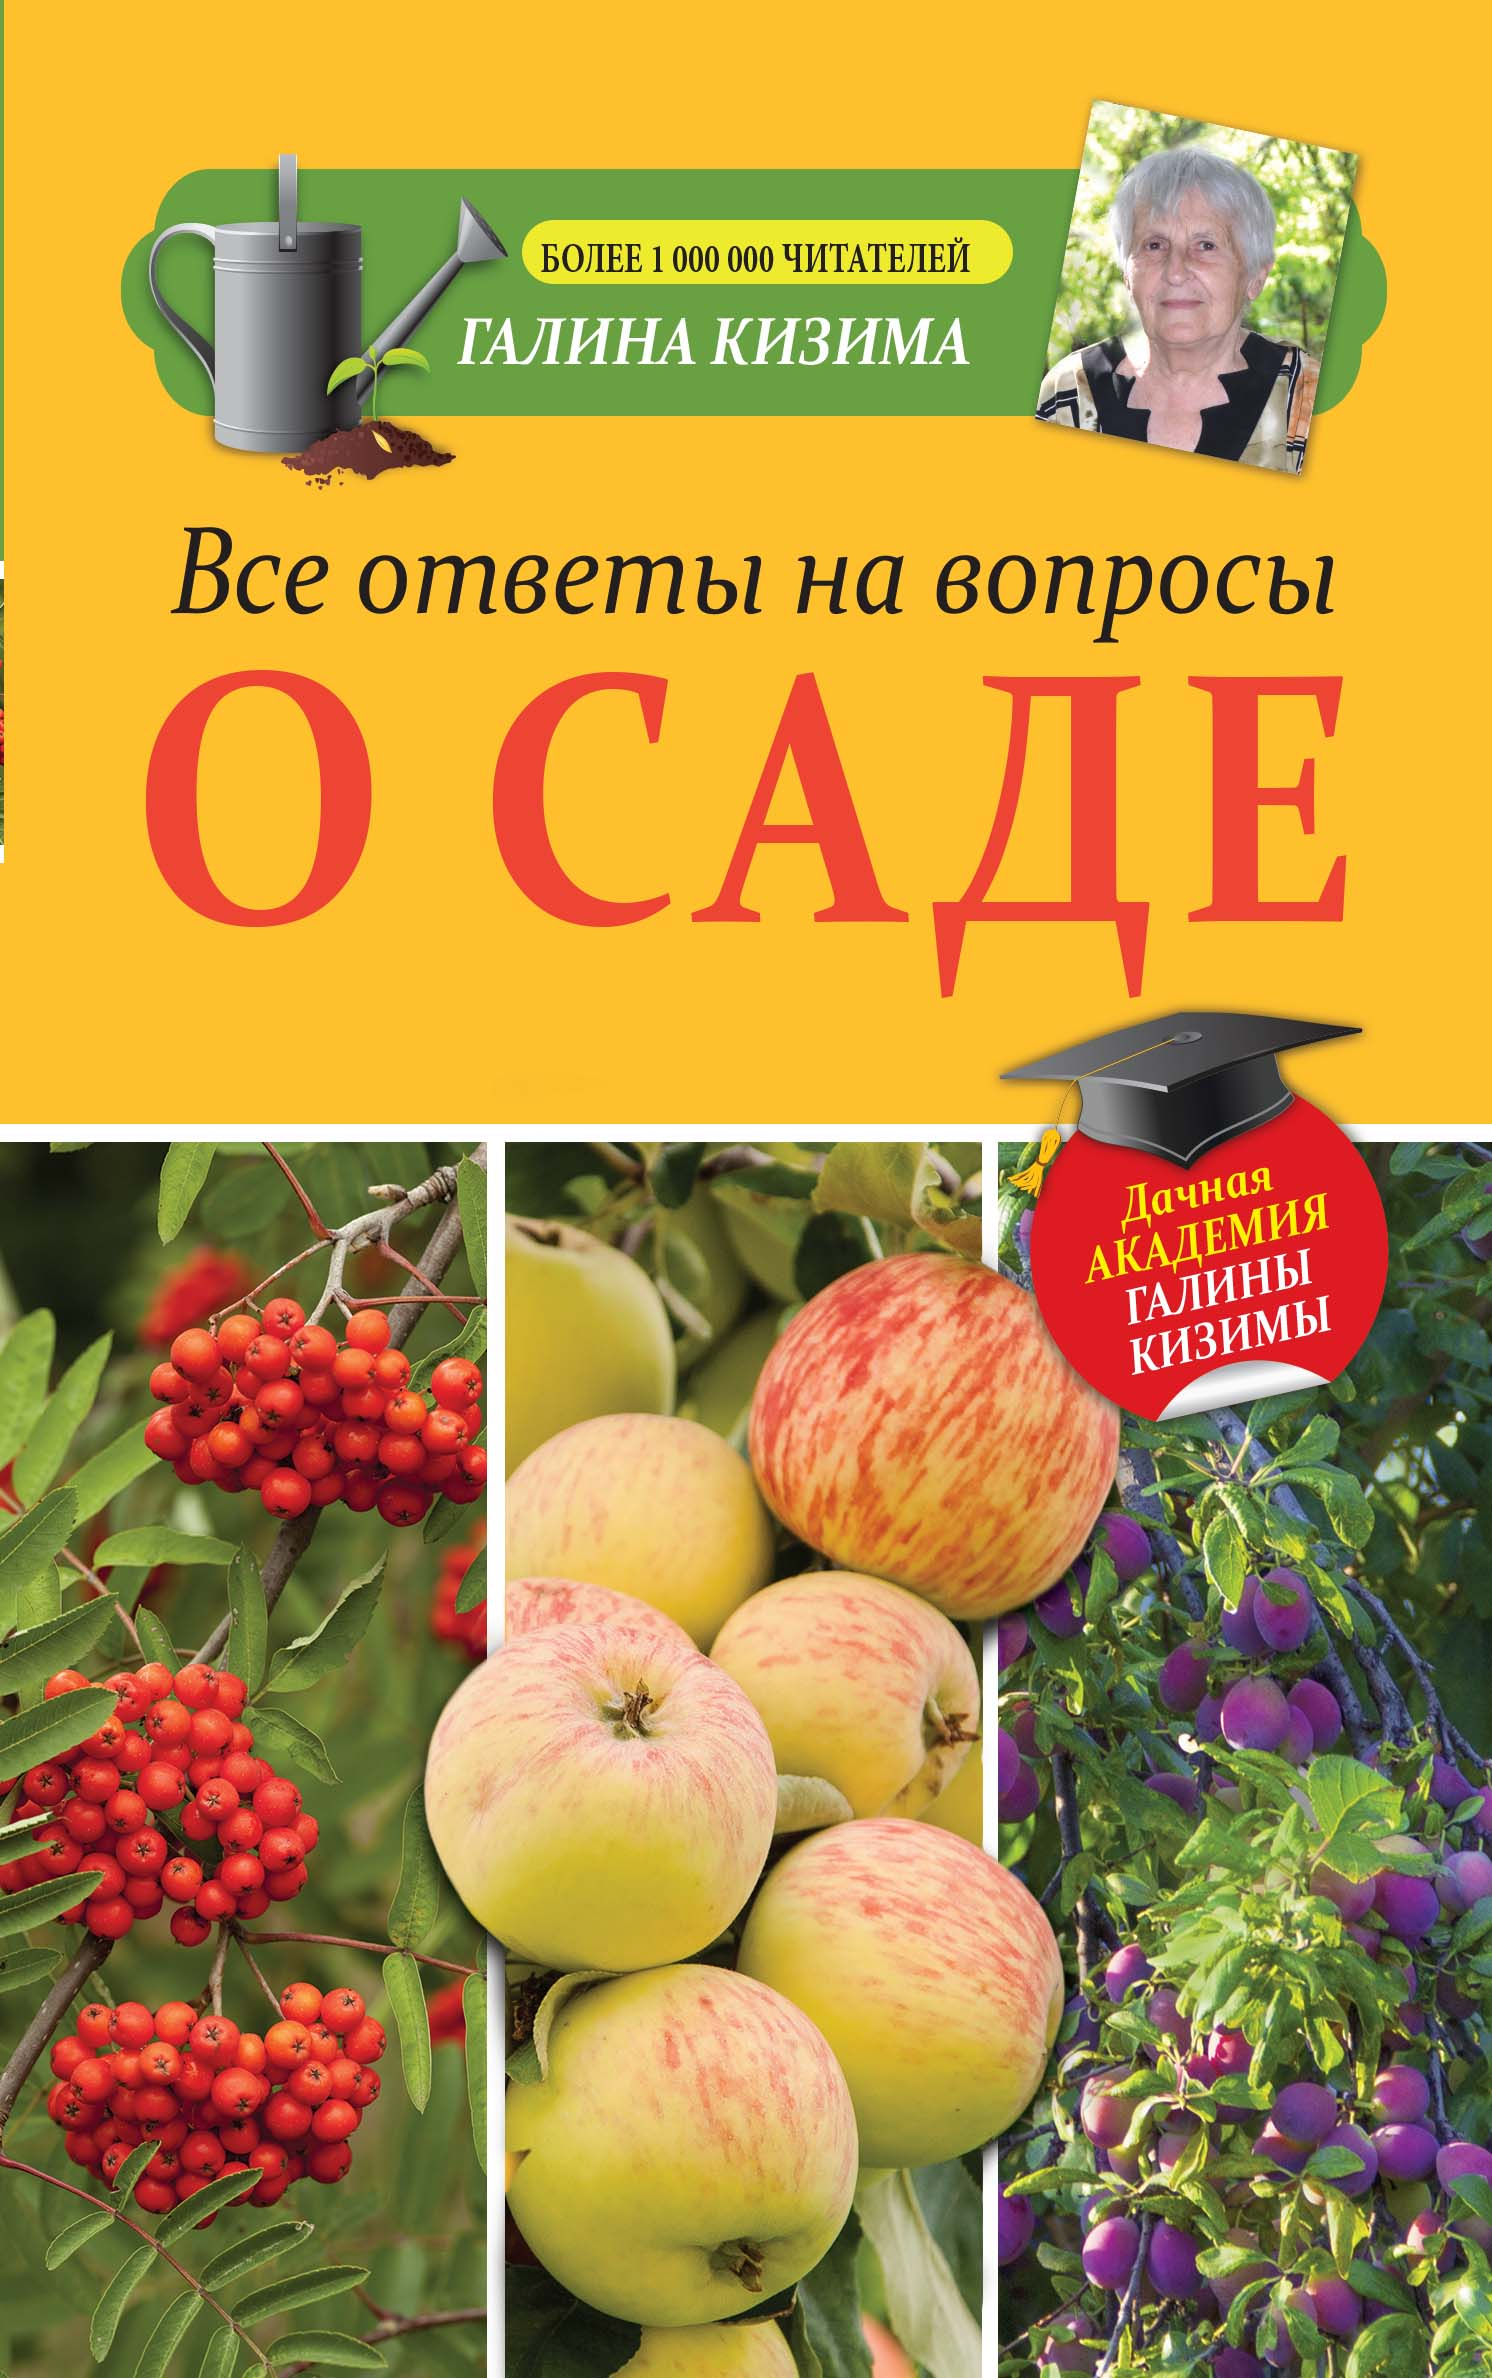 Кизима Г.А. Все ответы на вопросы о саде